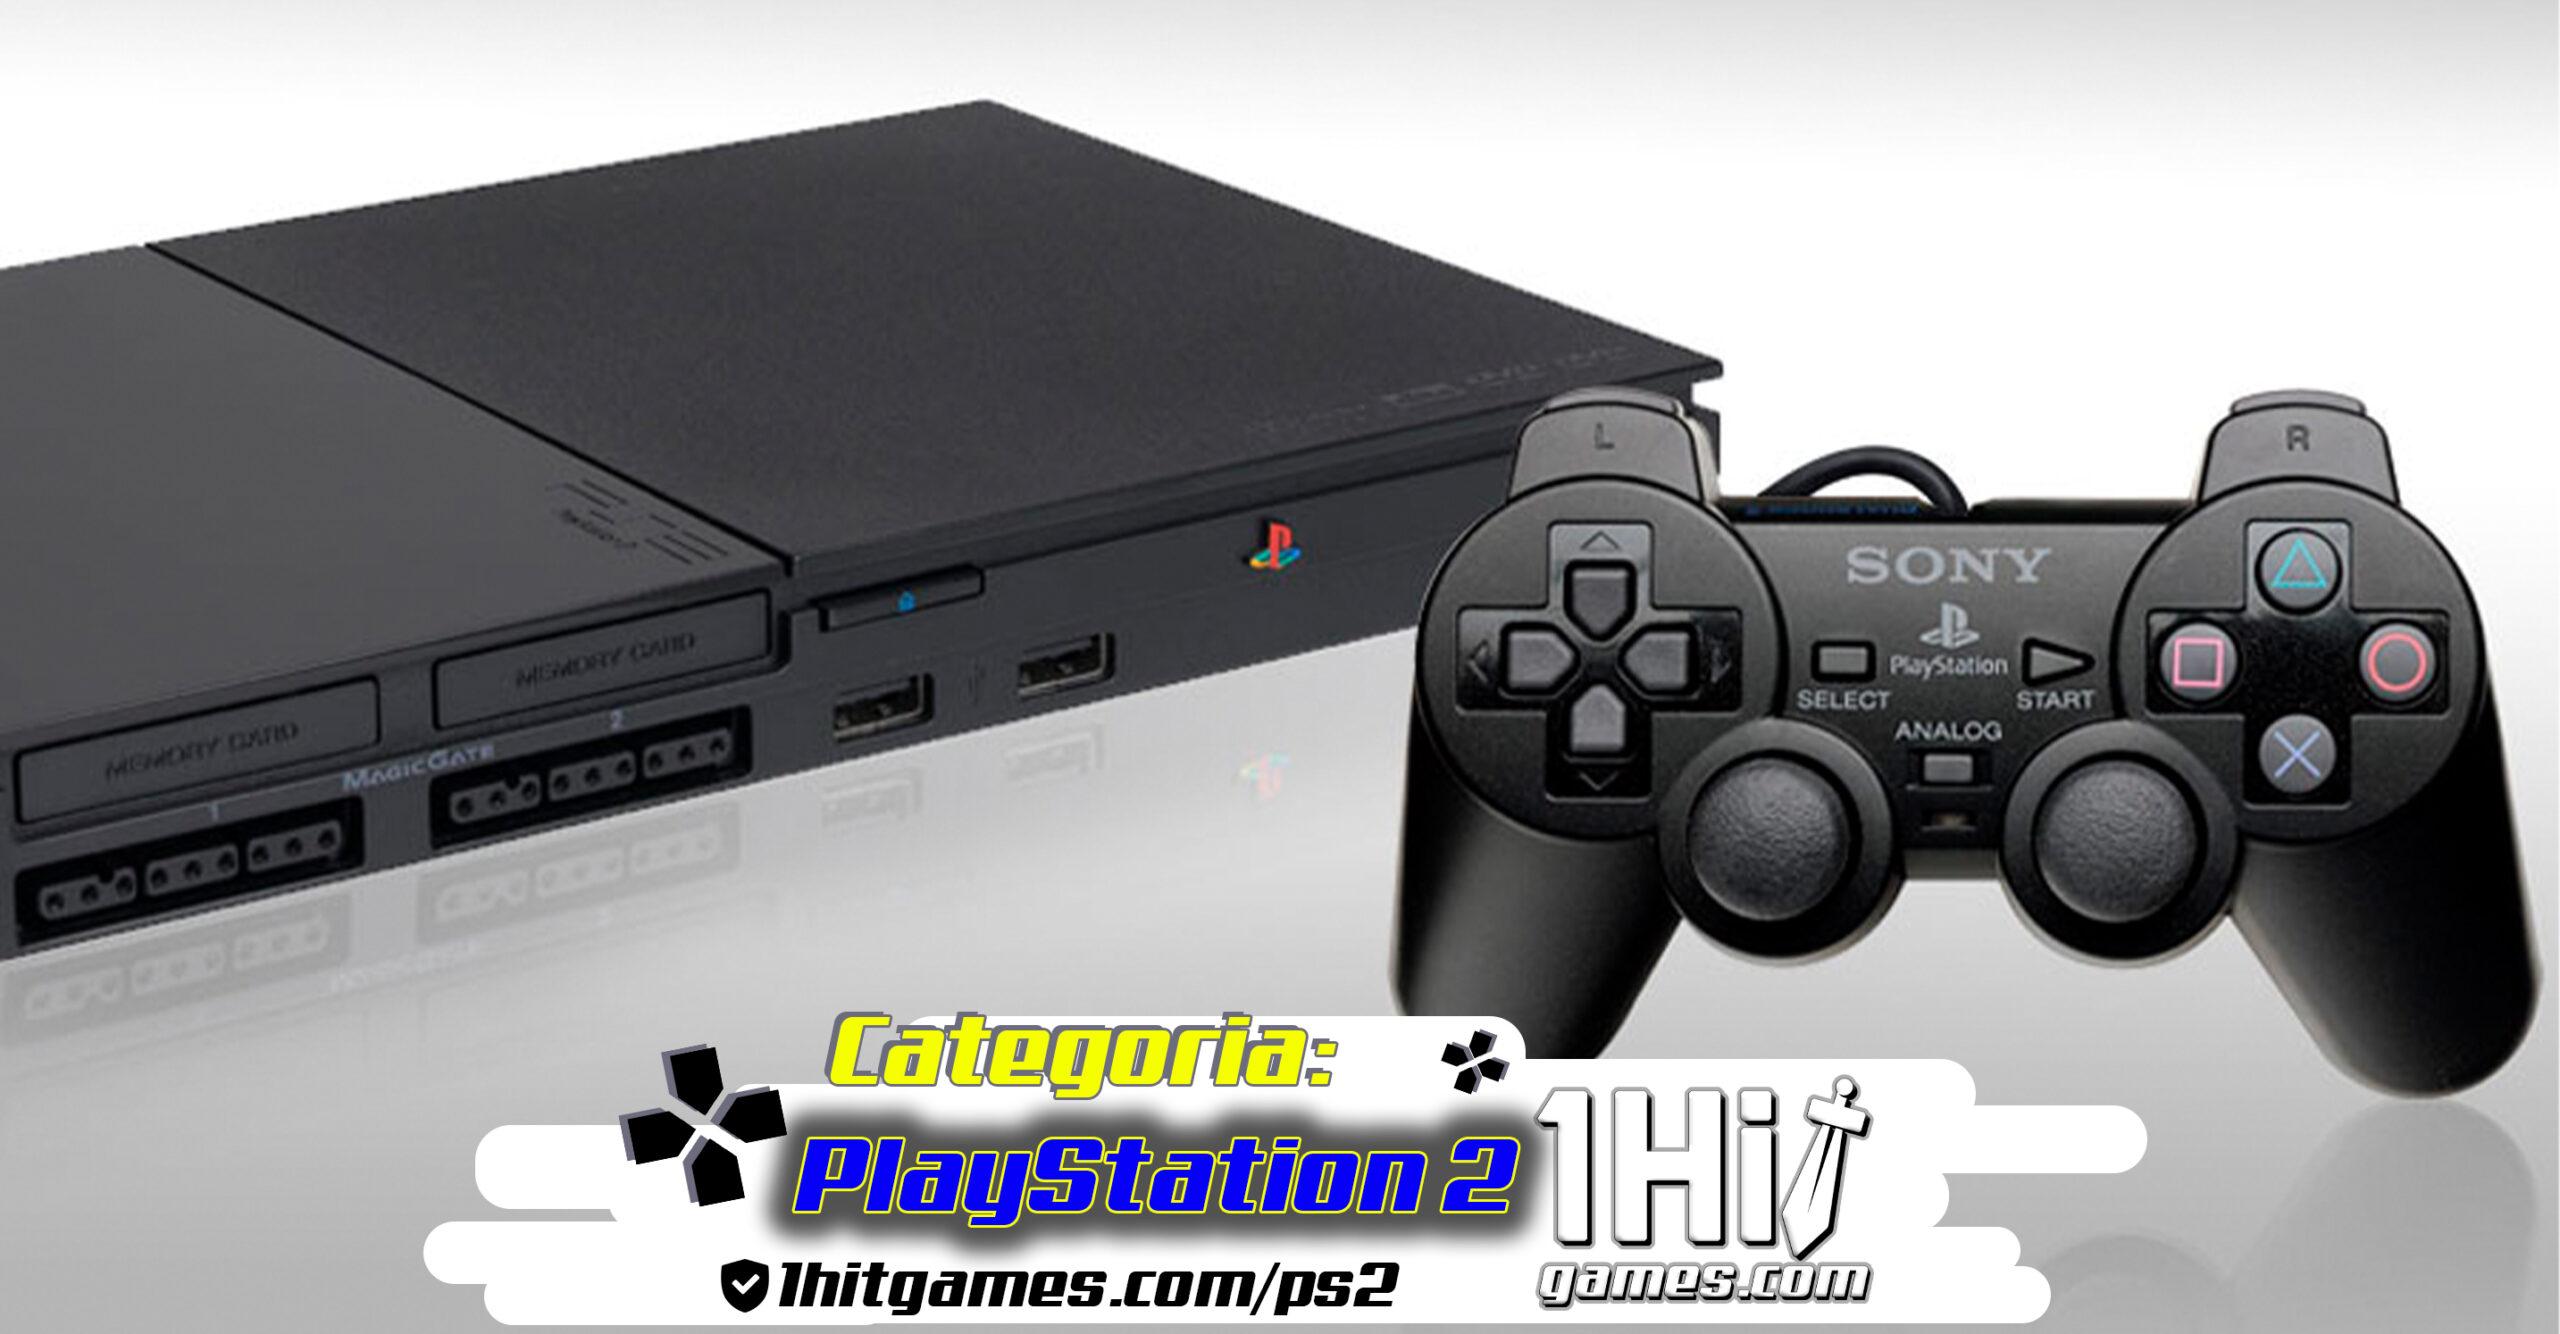 playstation2 games 1hitgames jogos eletronicos categorias 1hit